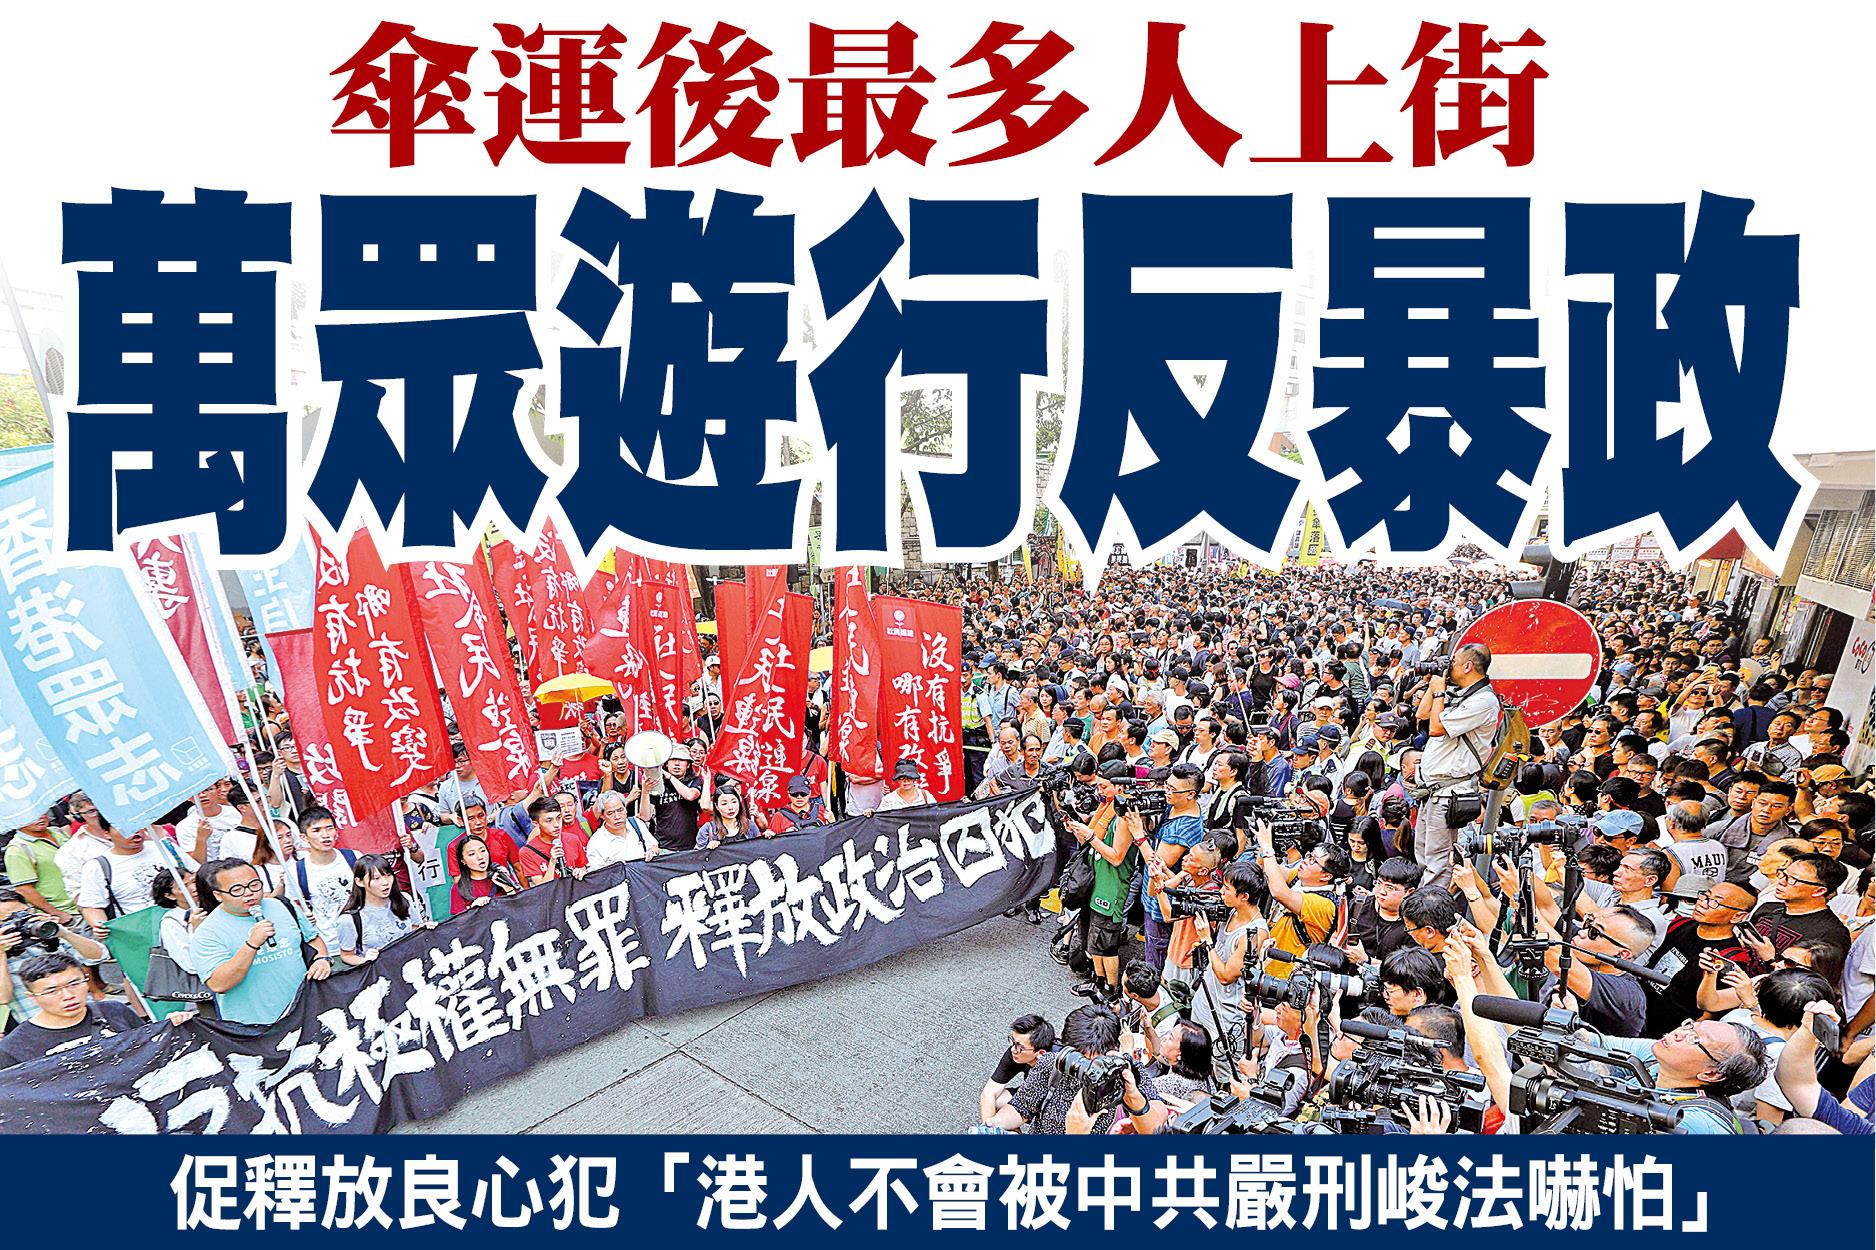 傘運後最多人上街 萬眾遊行反暴政